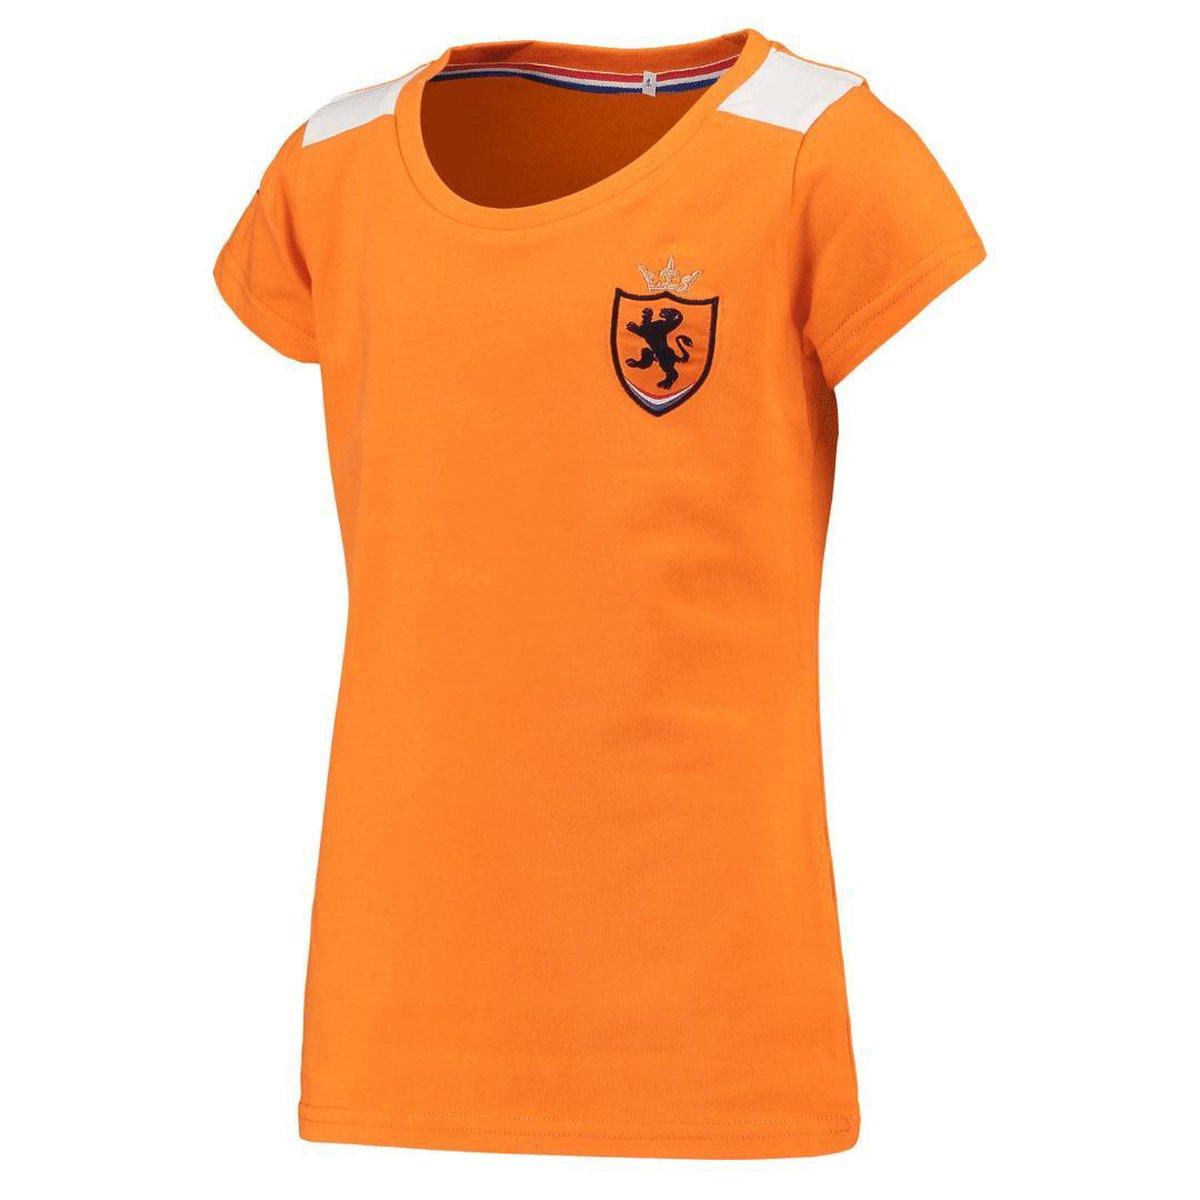 Oranje dames t-shirt - 100% polyester - Holland shirt - Leeuwinnen - maat S